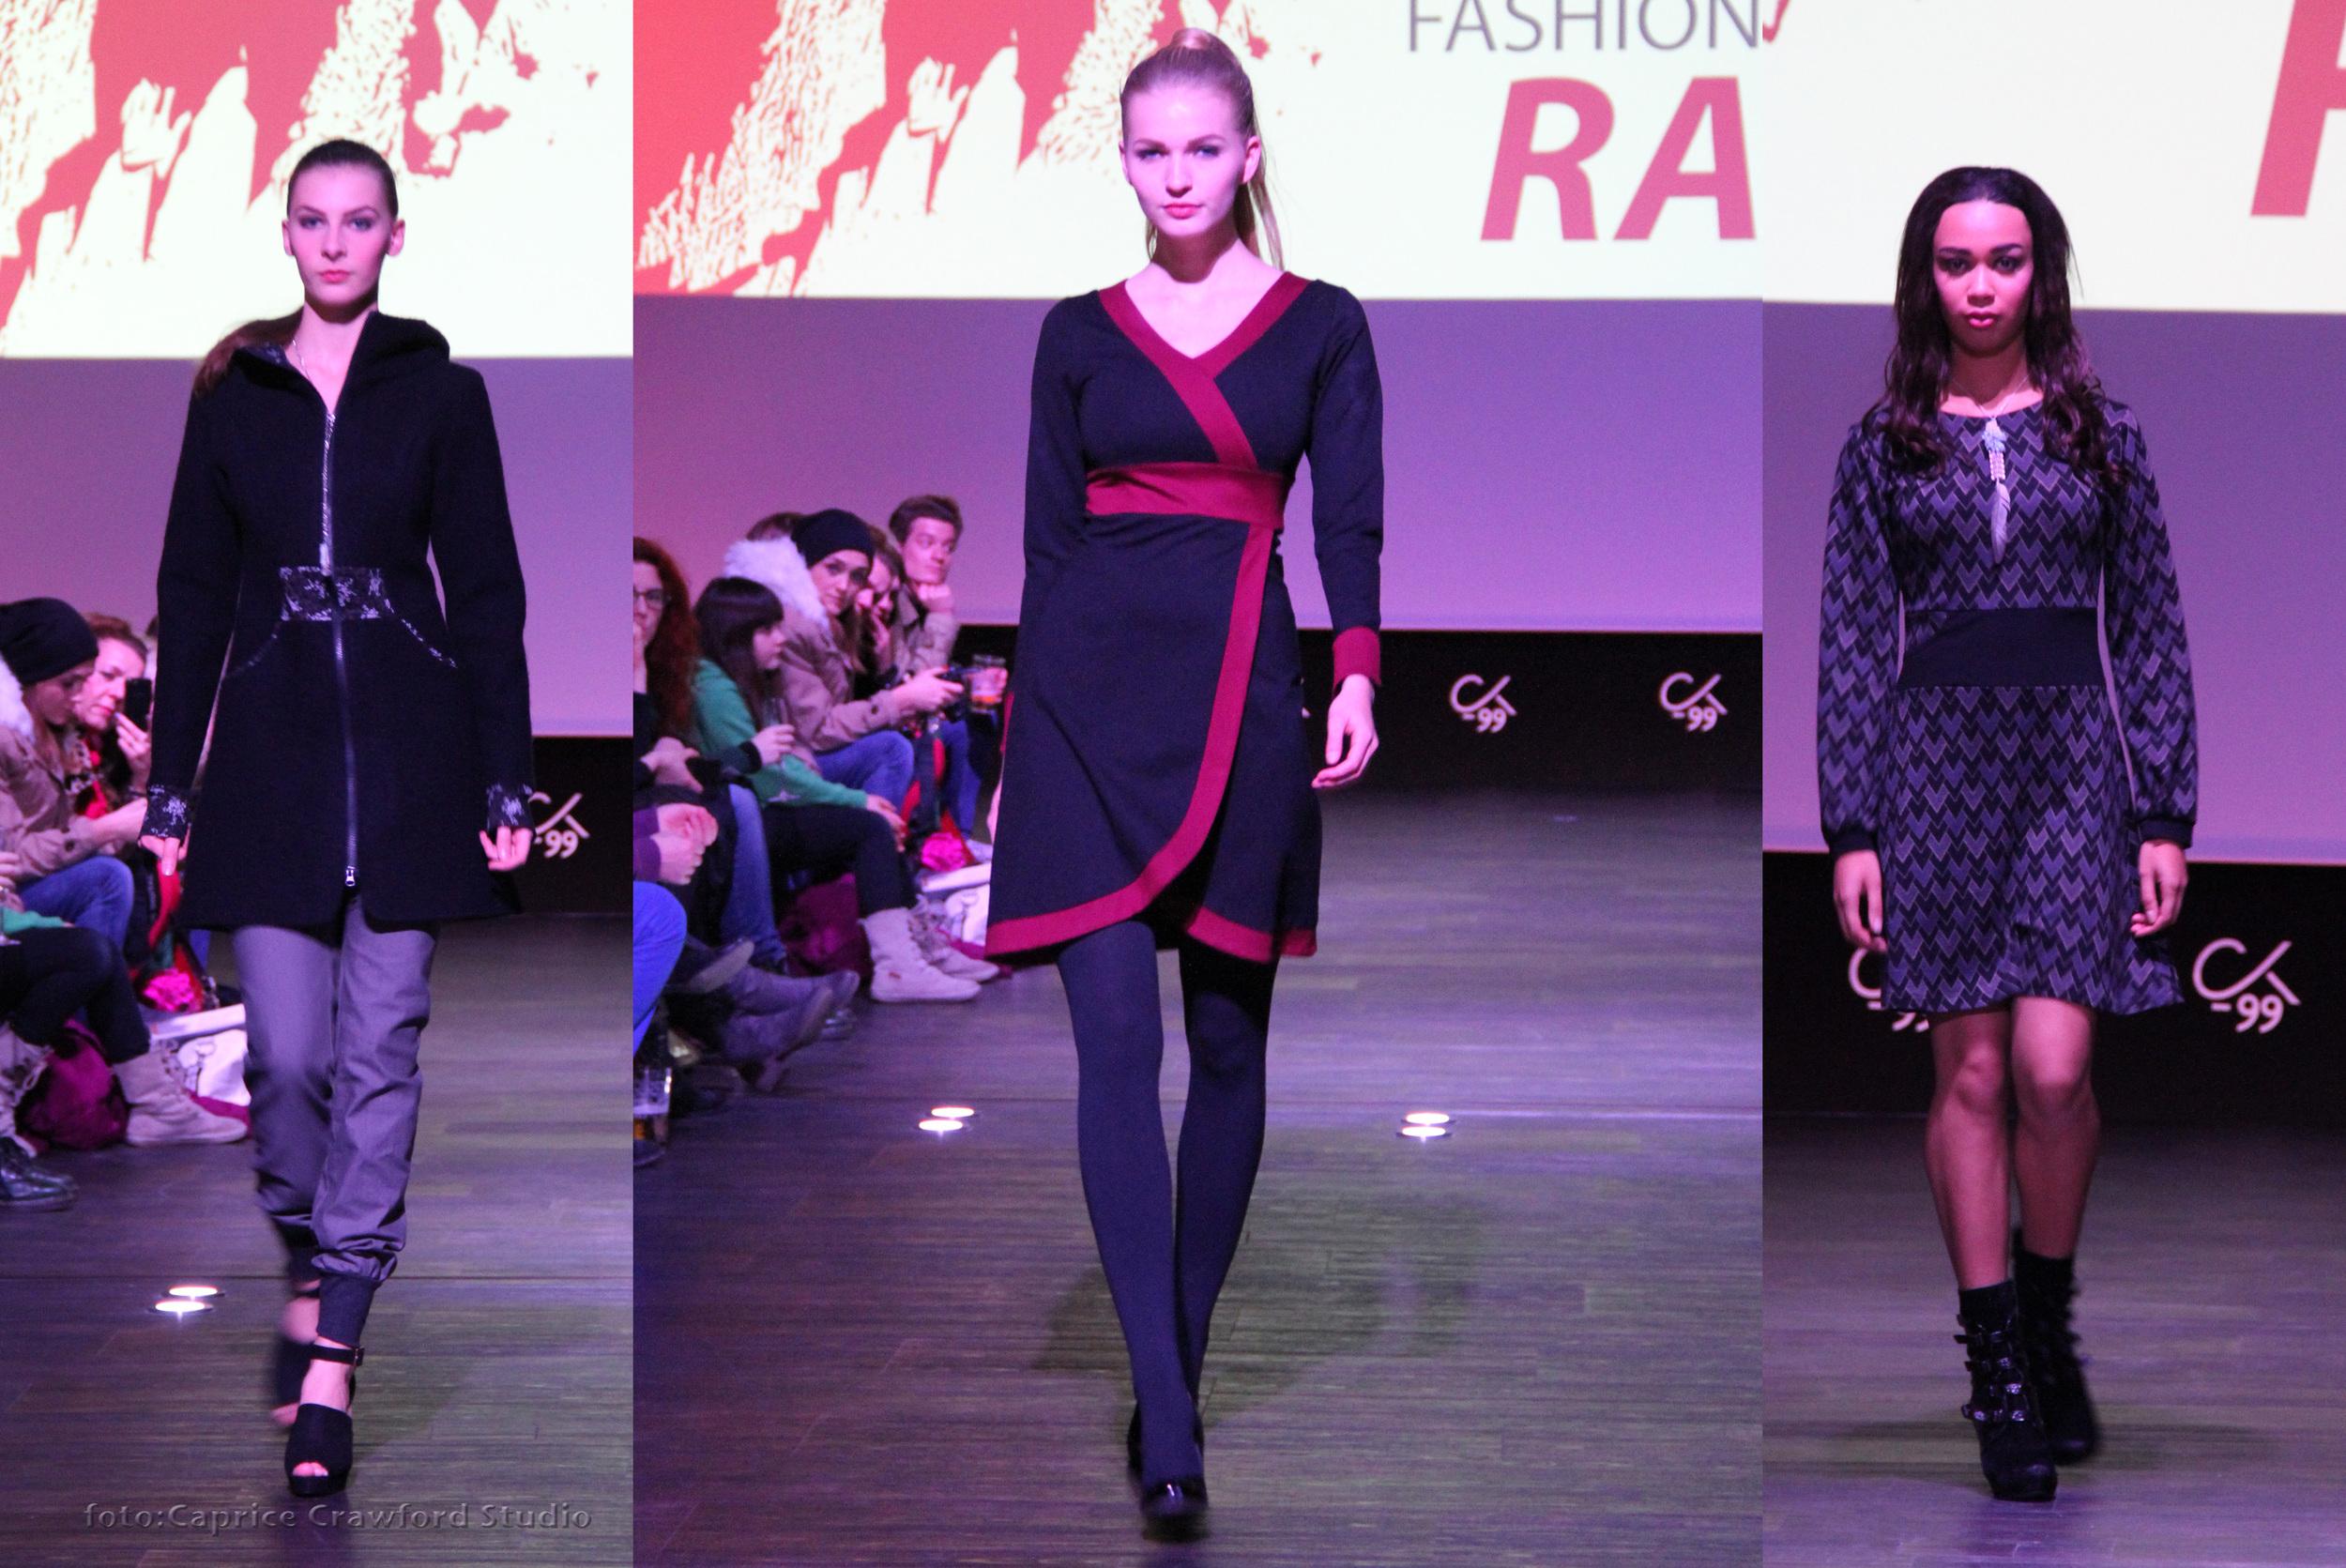 fashion 6-1.jpg